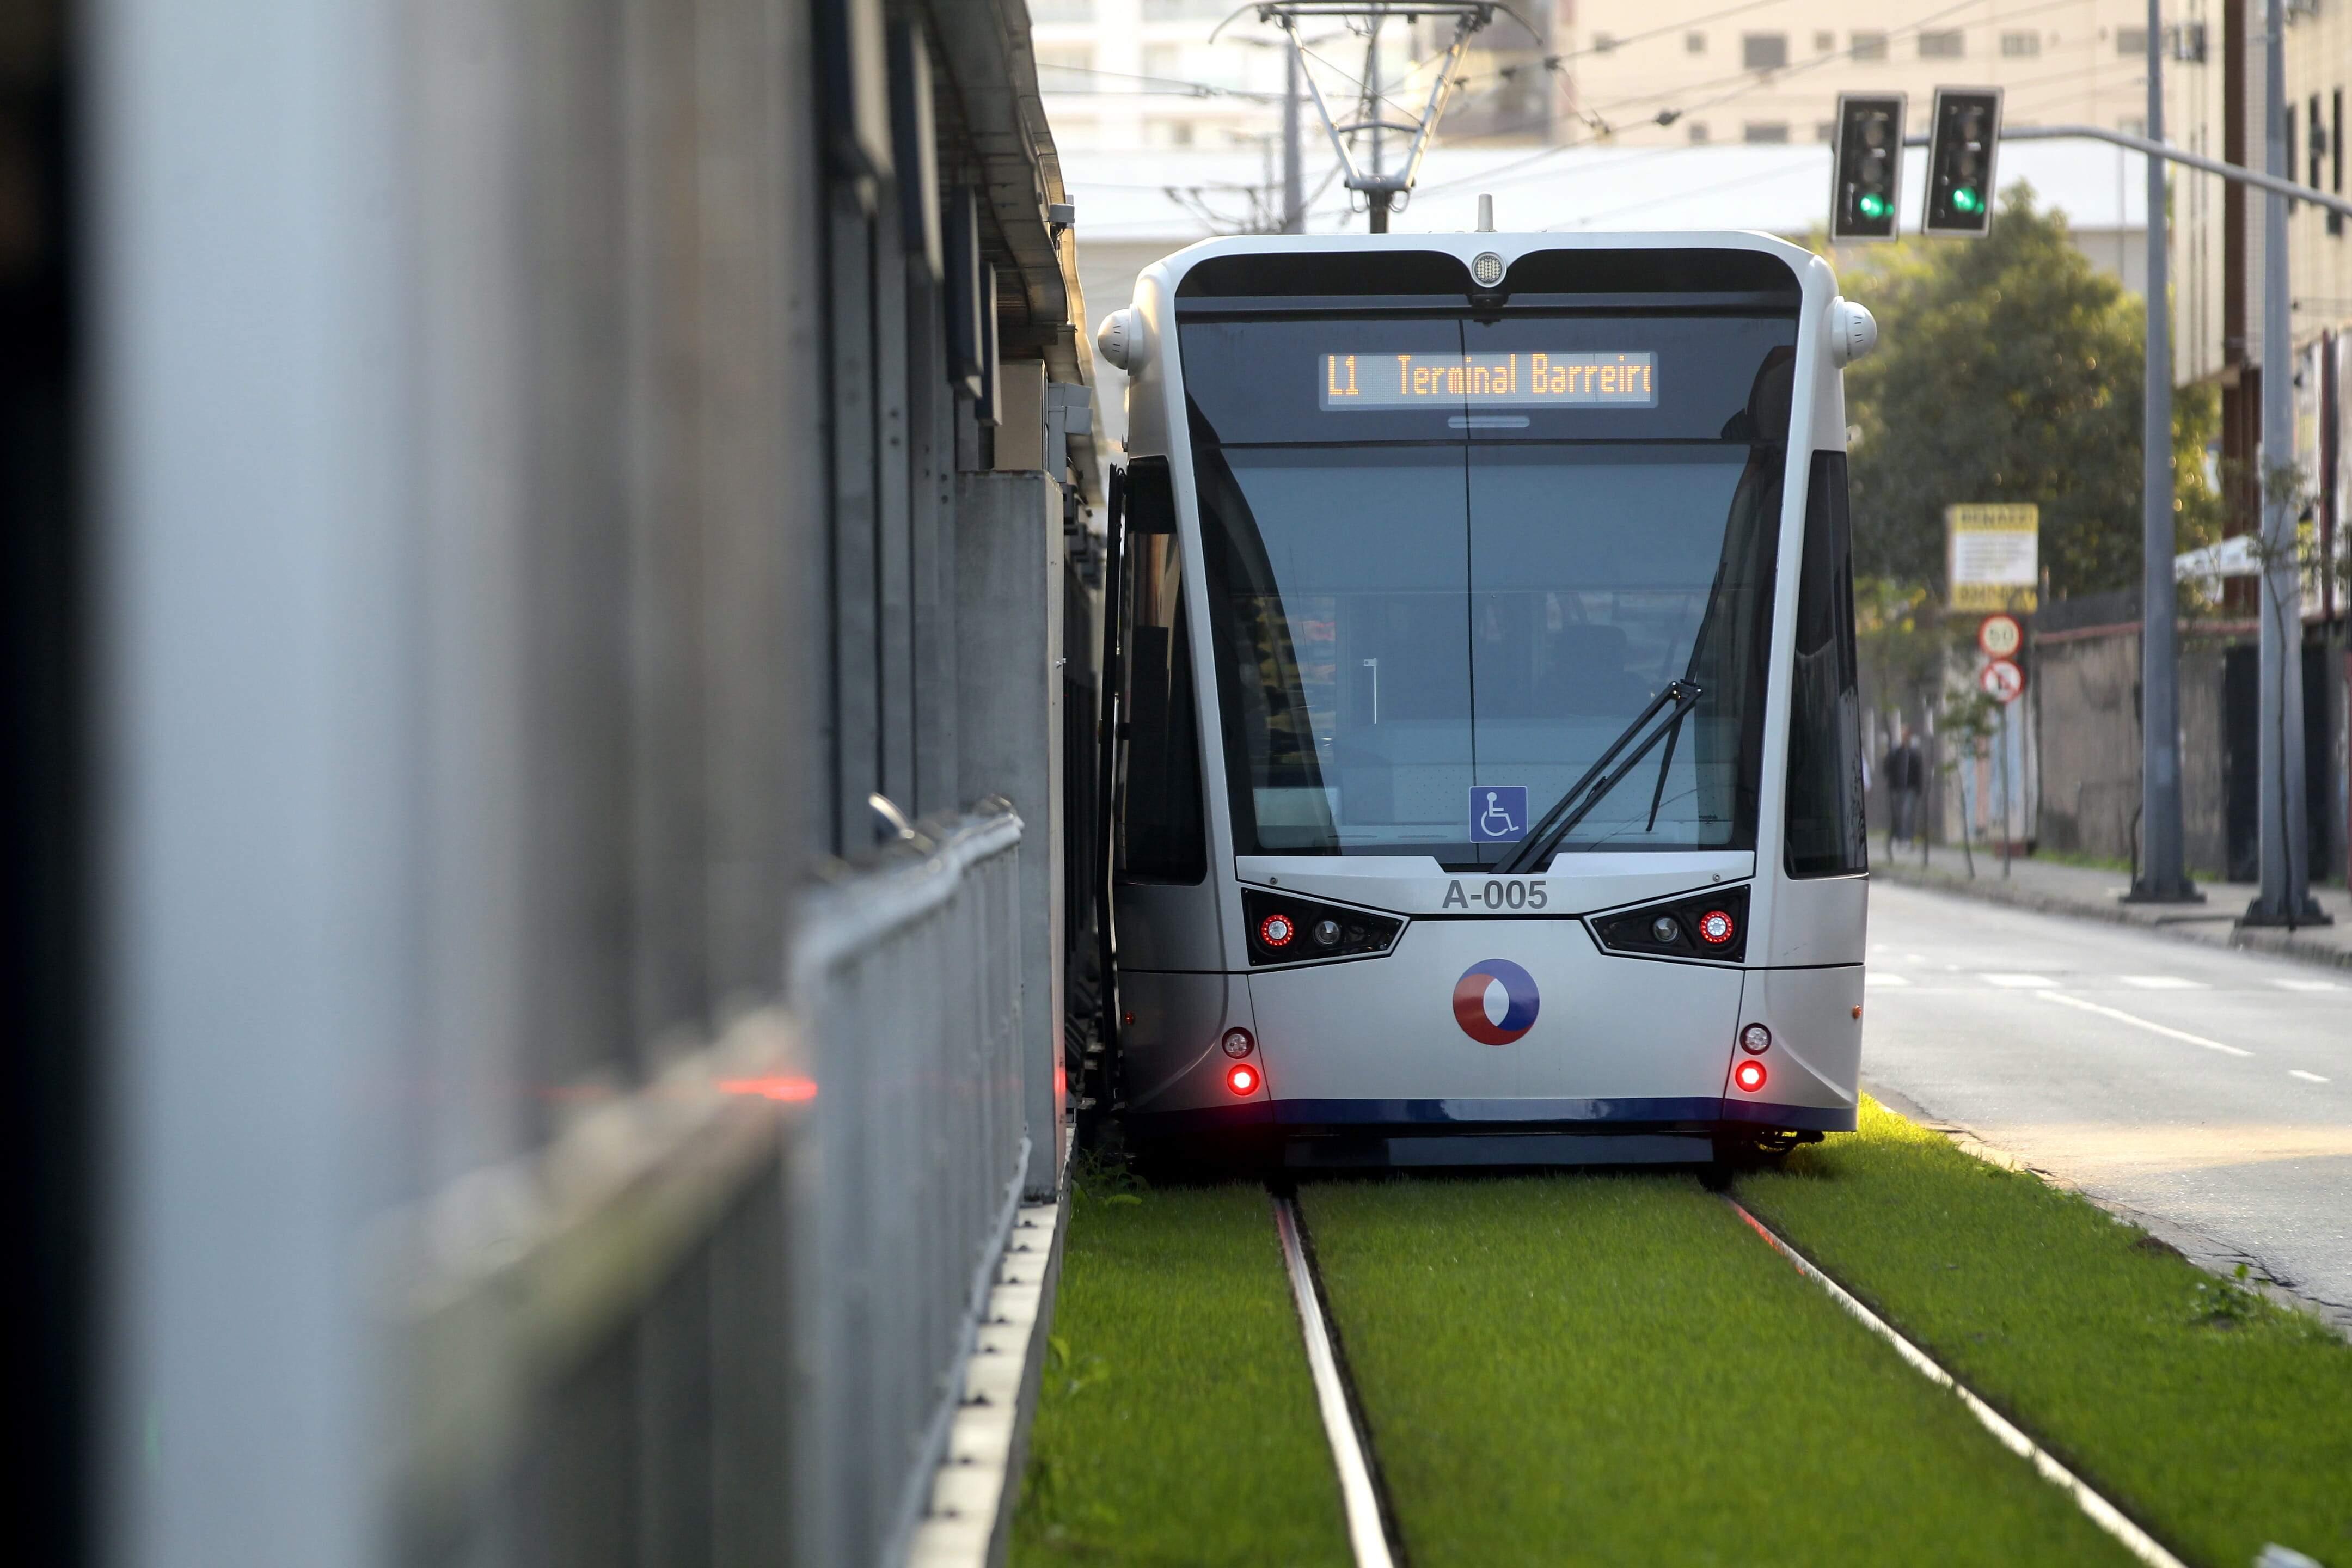 Questões de mobilidade metropolitana serão discutidas